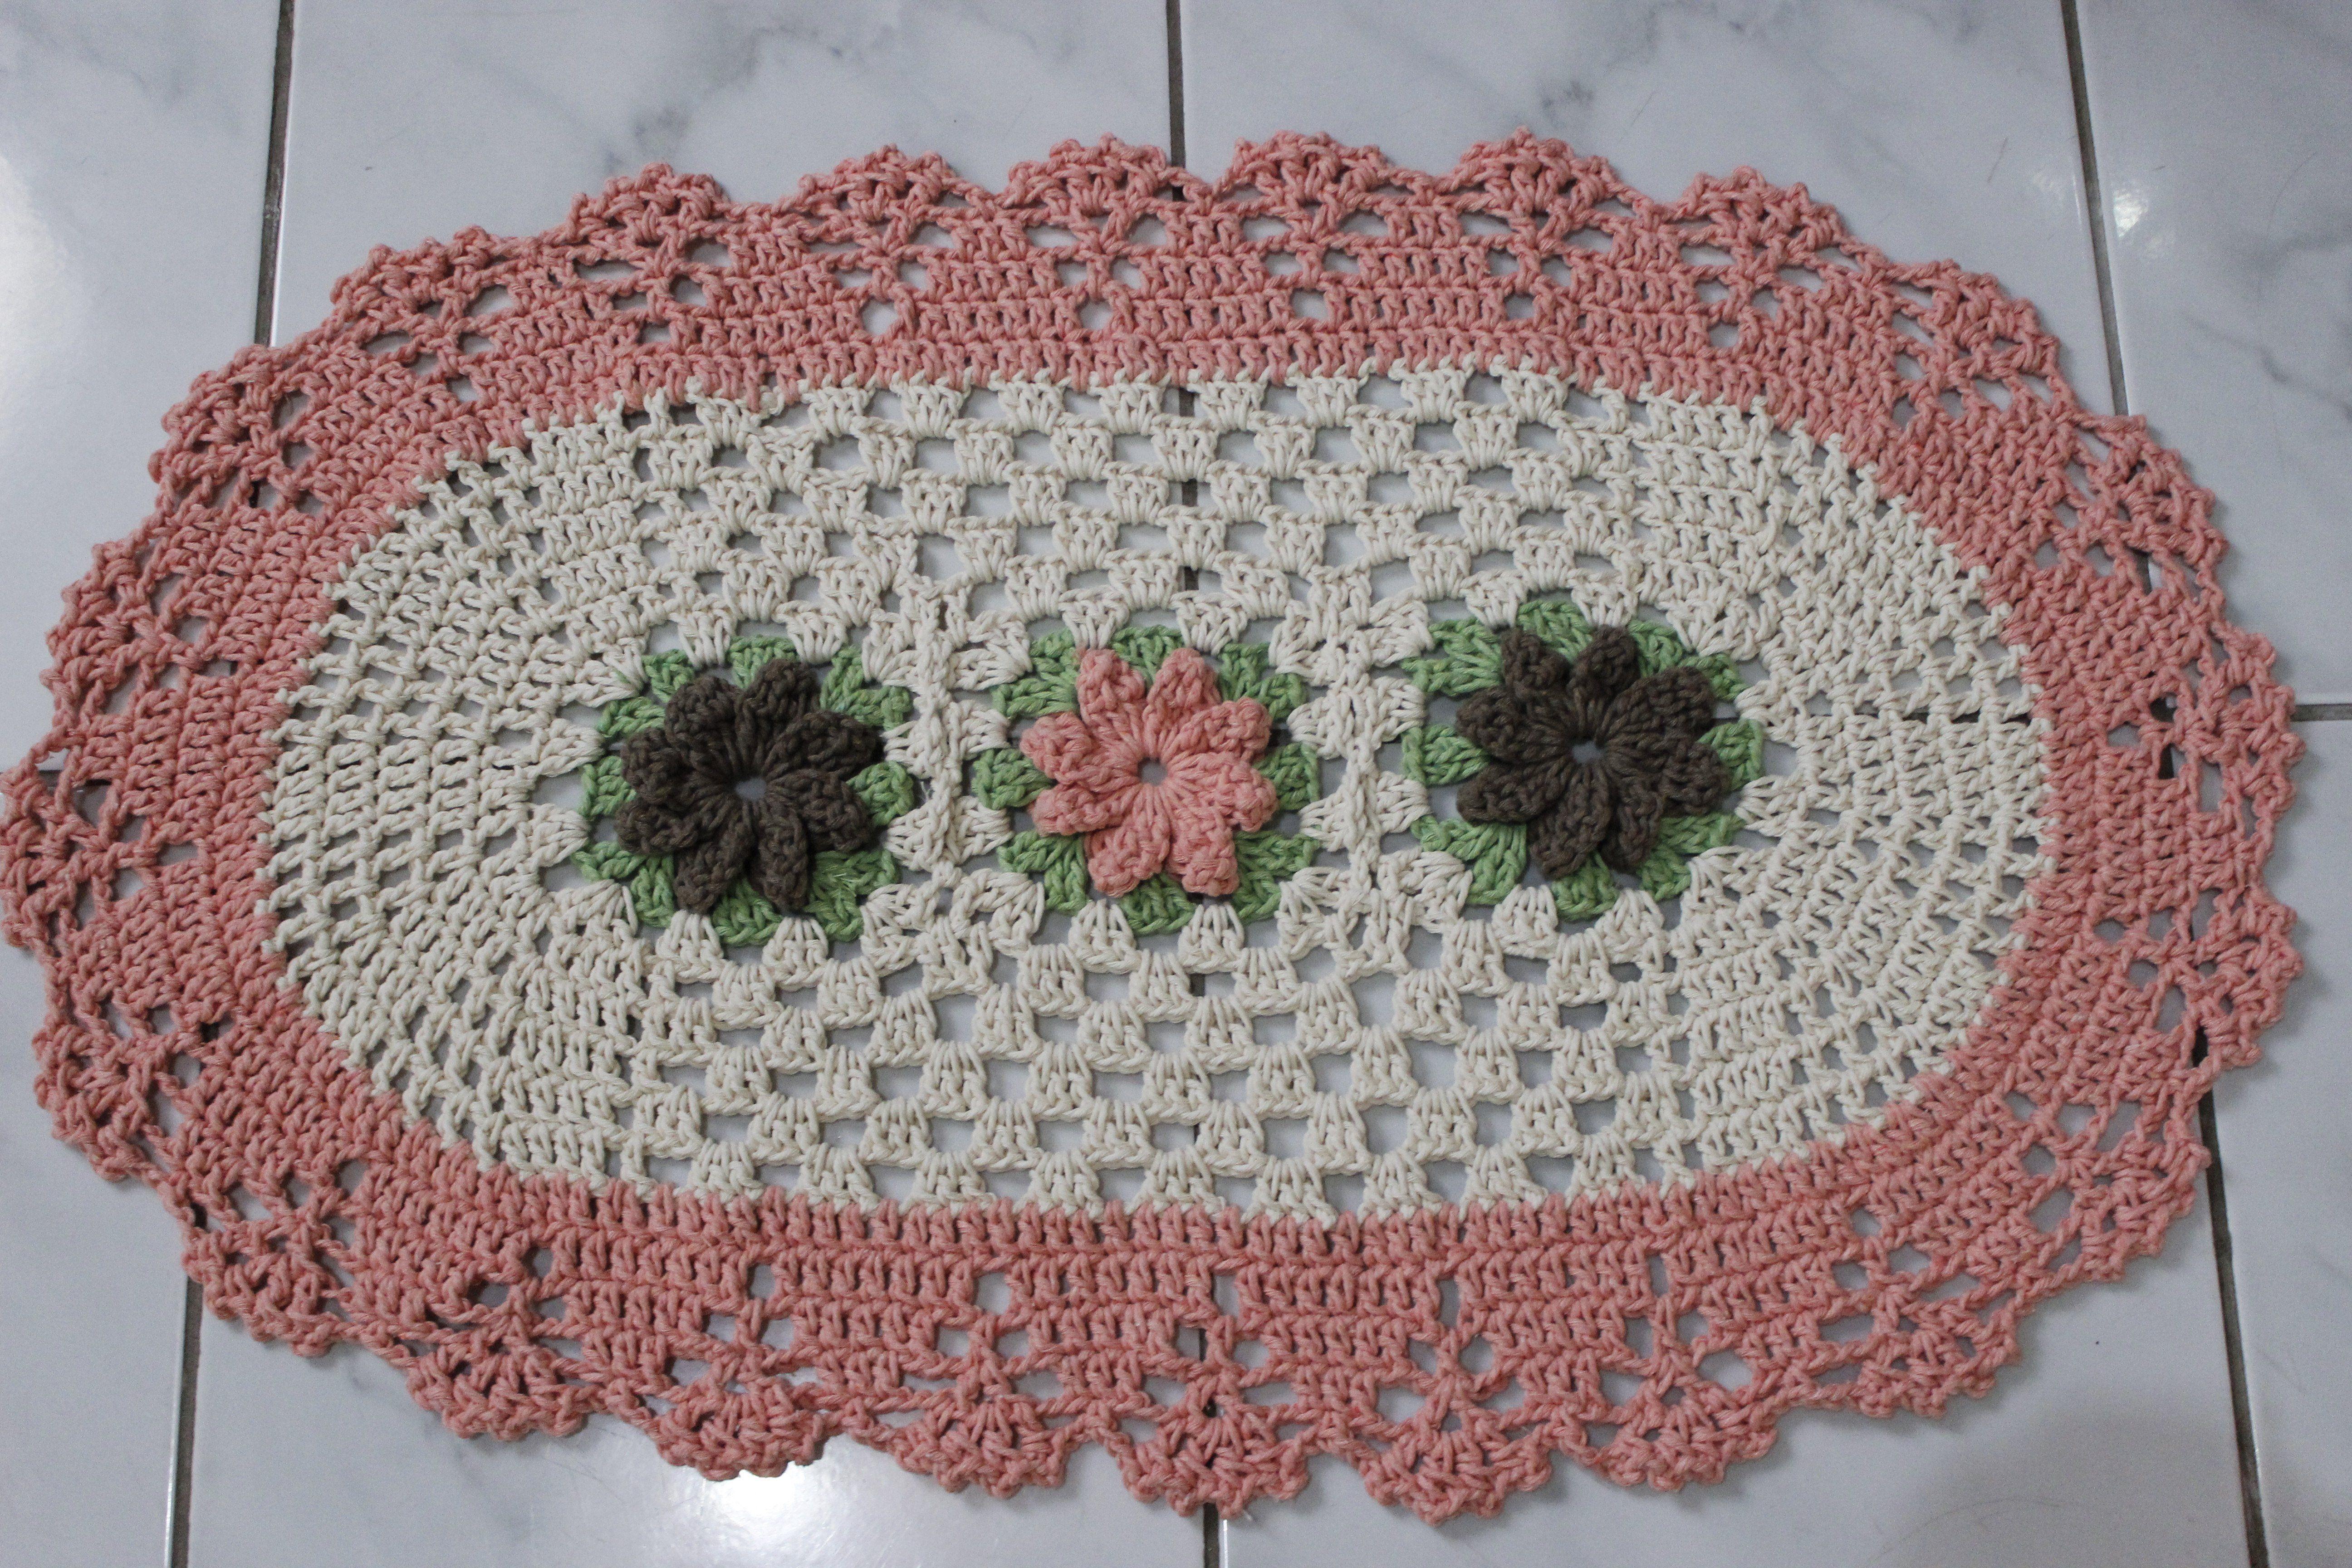 belos tapete oval de crochê com flores                                                                                                                                                      Mais